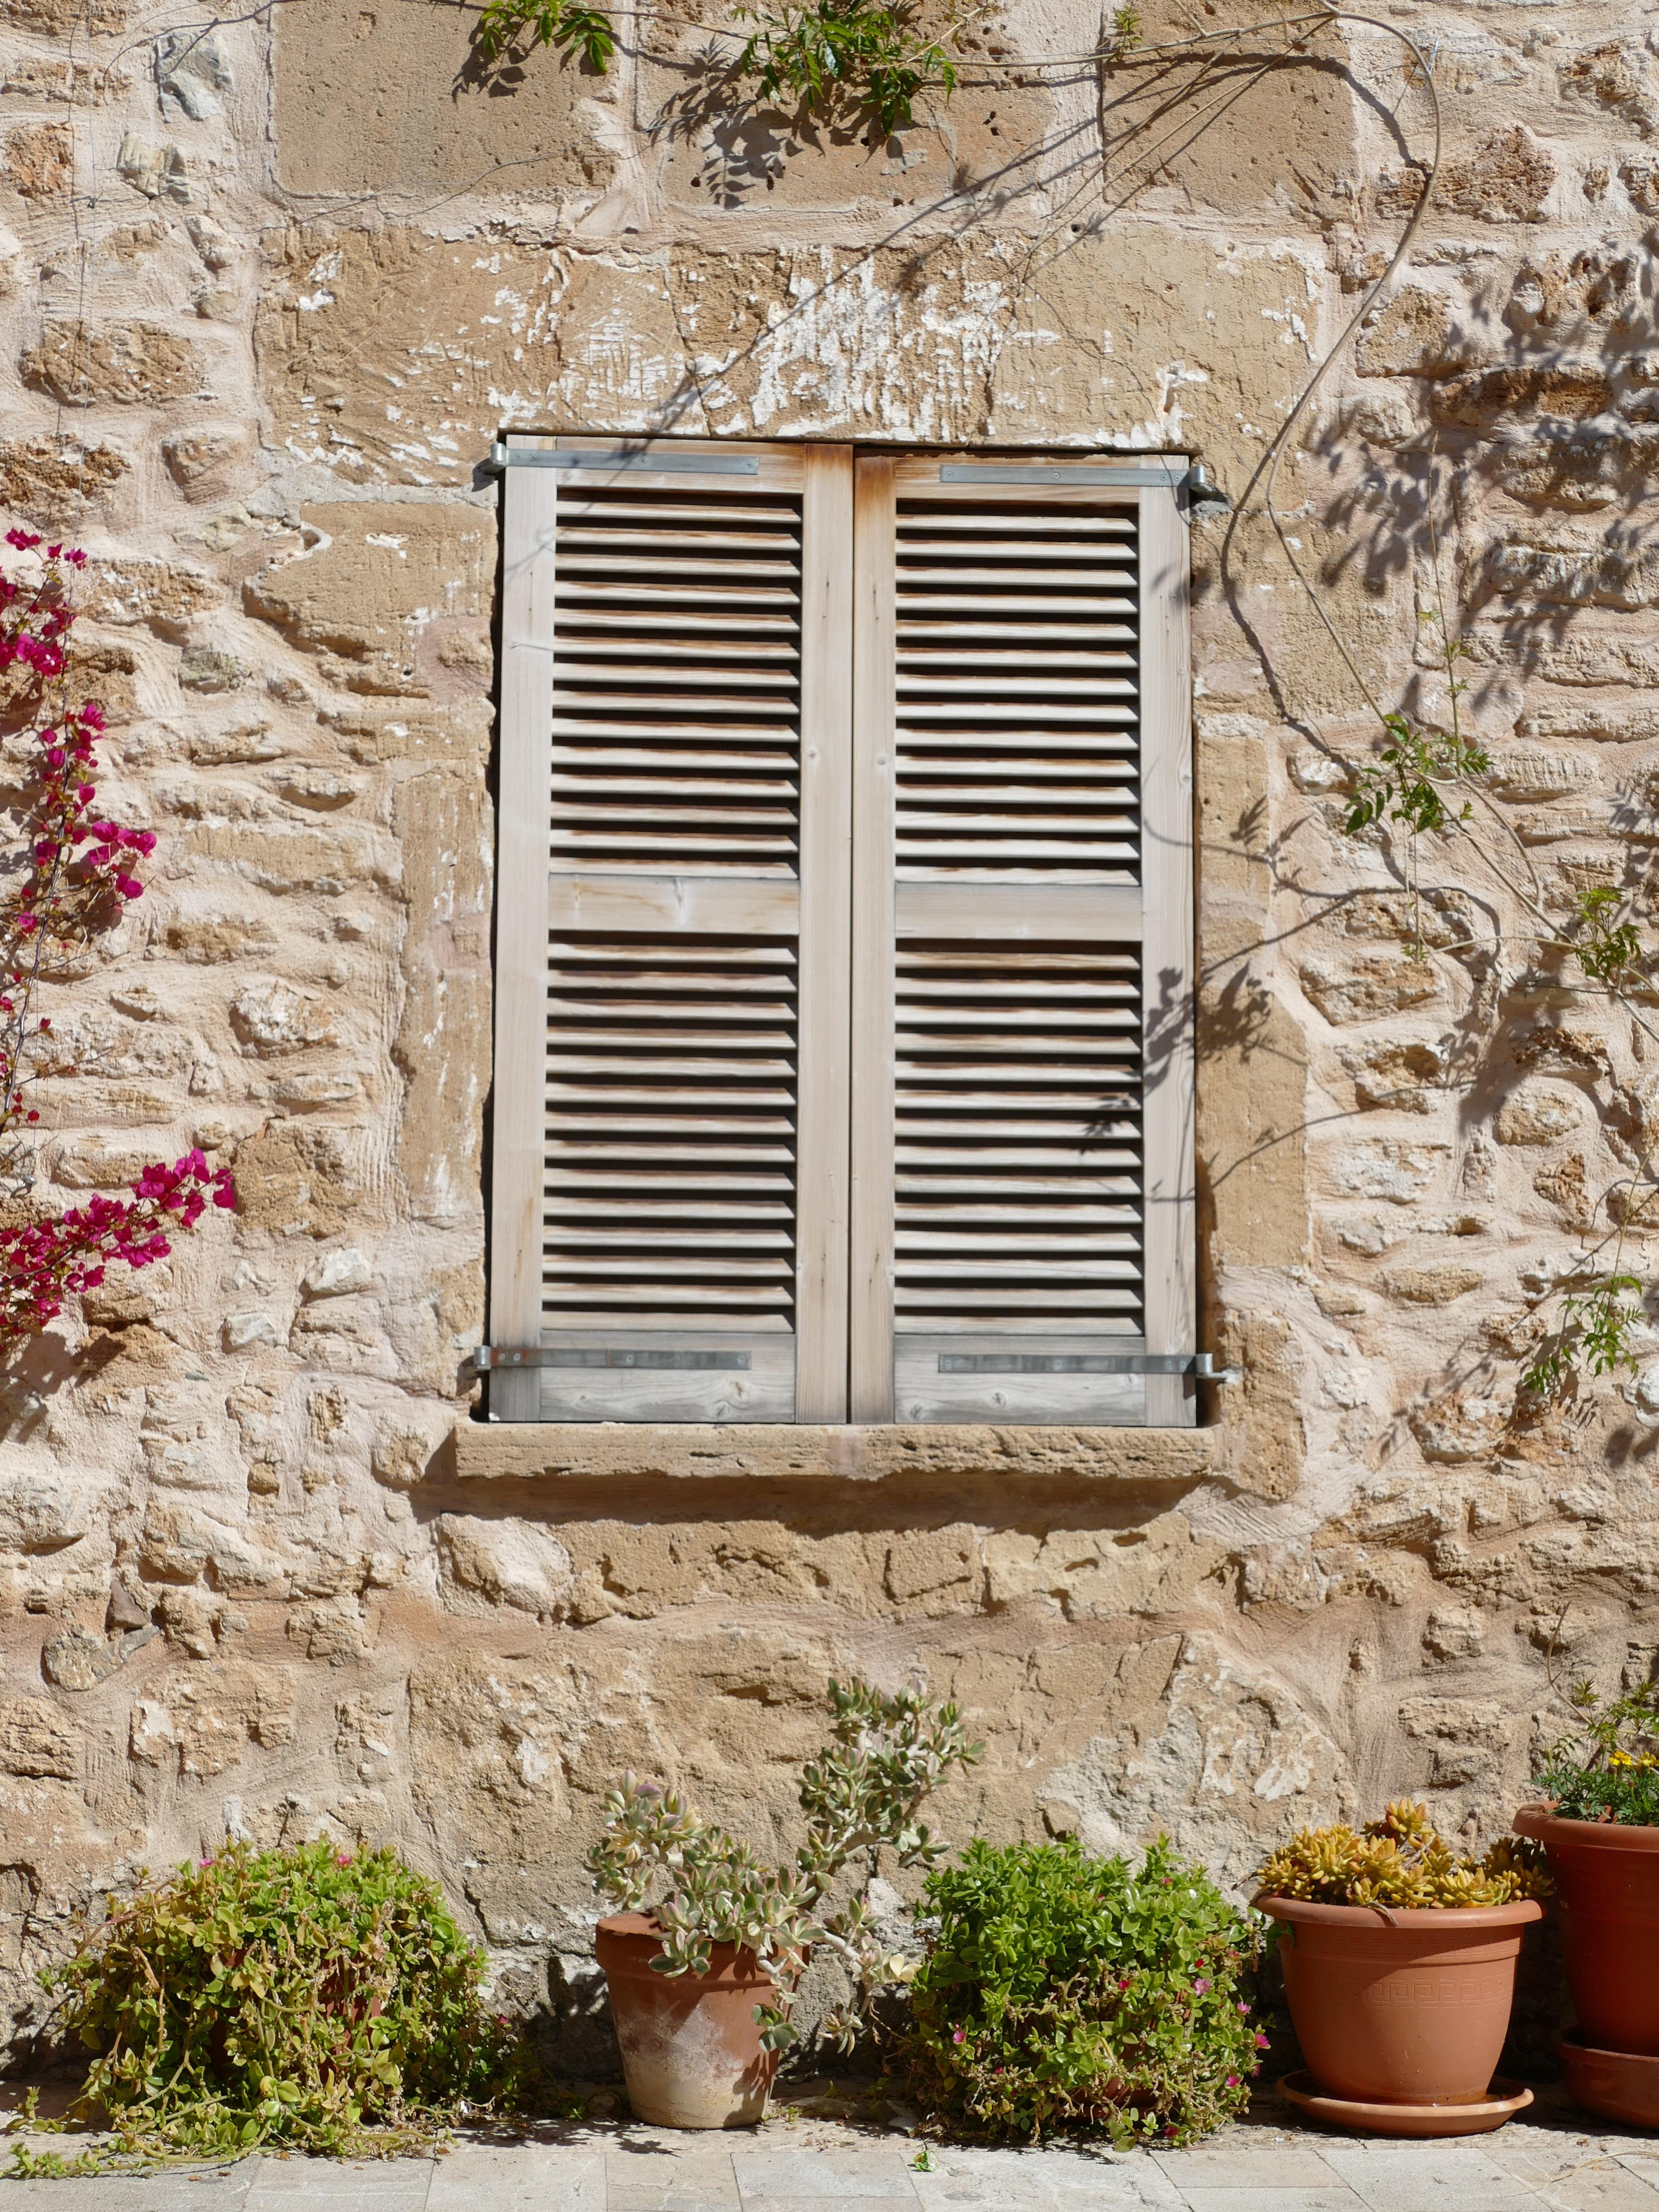 Images Gratuites Plante B Timent Maison Mur Cabanon Rustique